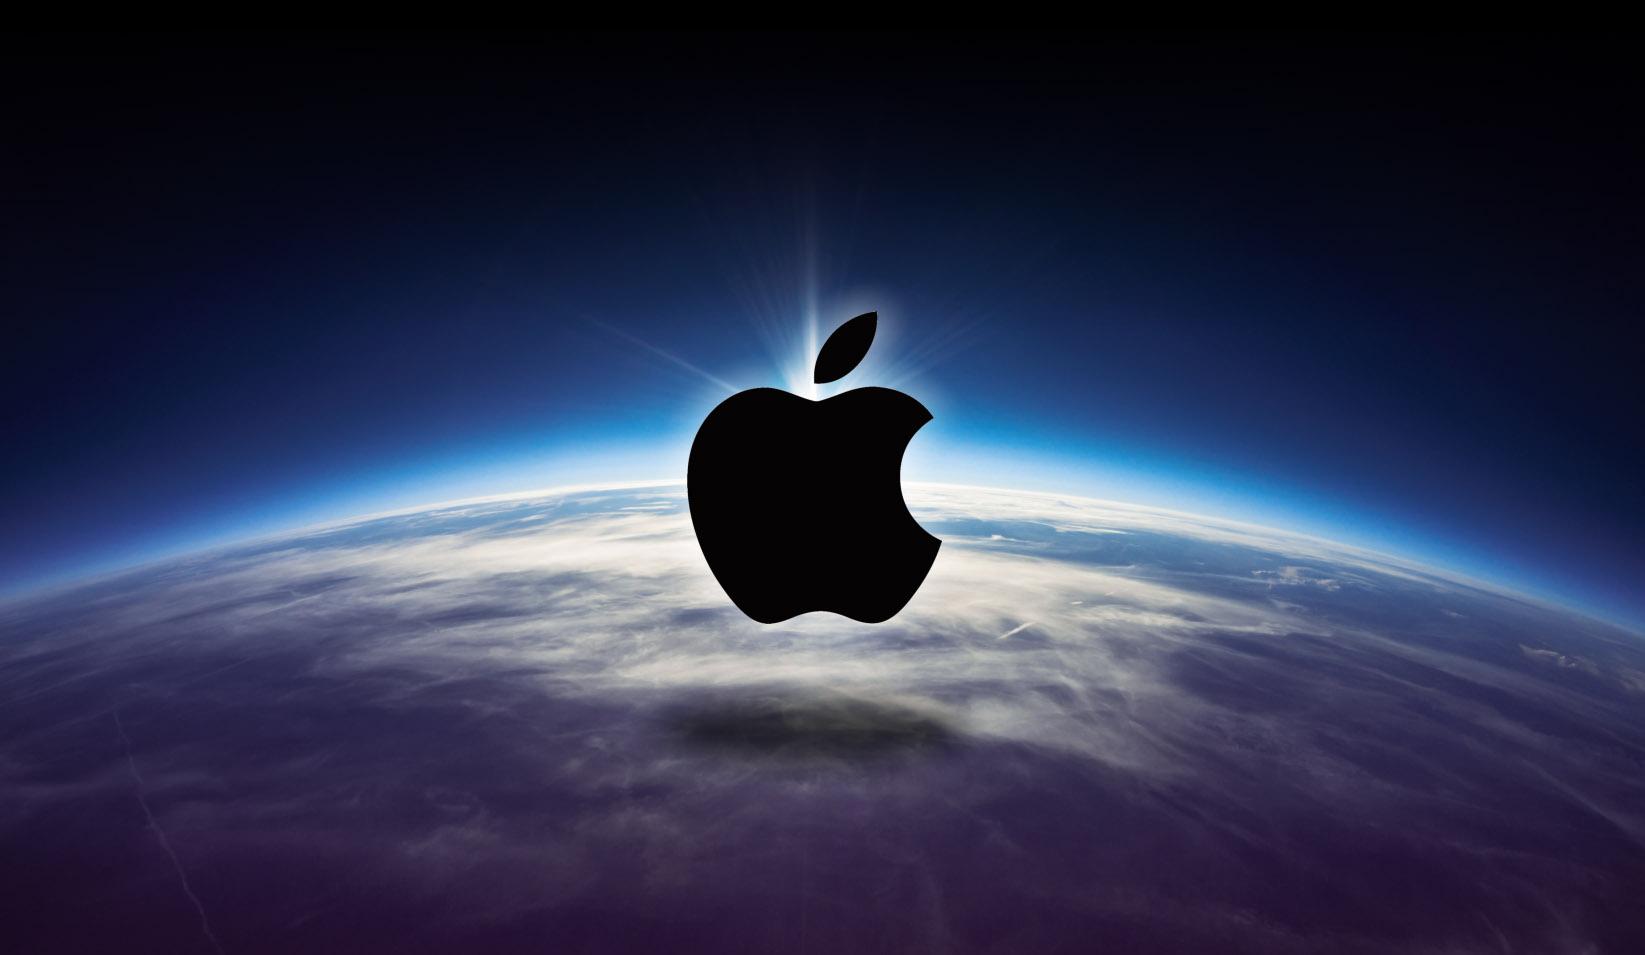 🍎 Apple інтегрує набір інструментів CryptoKit в iOS 13